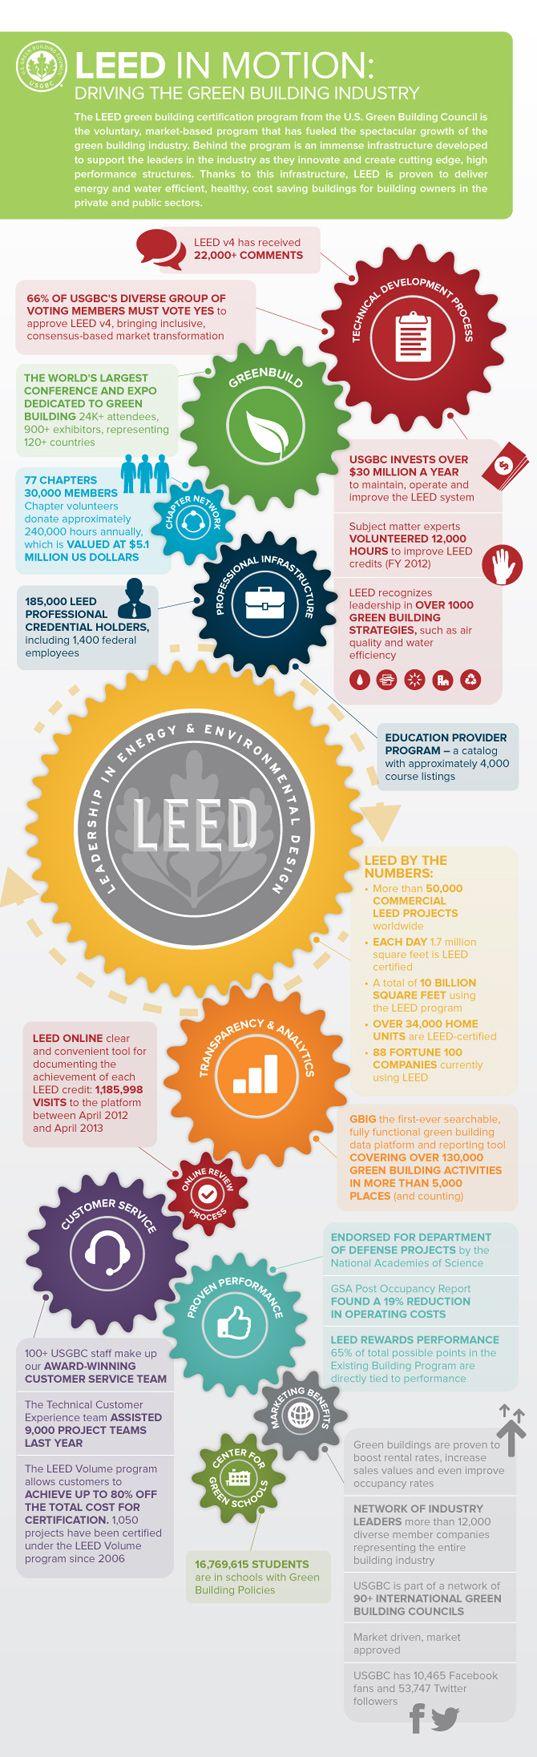 Best 20+ Leed certification ideas on Pinterest